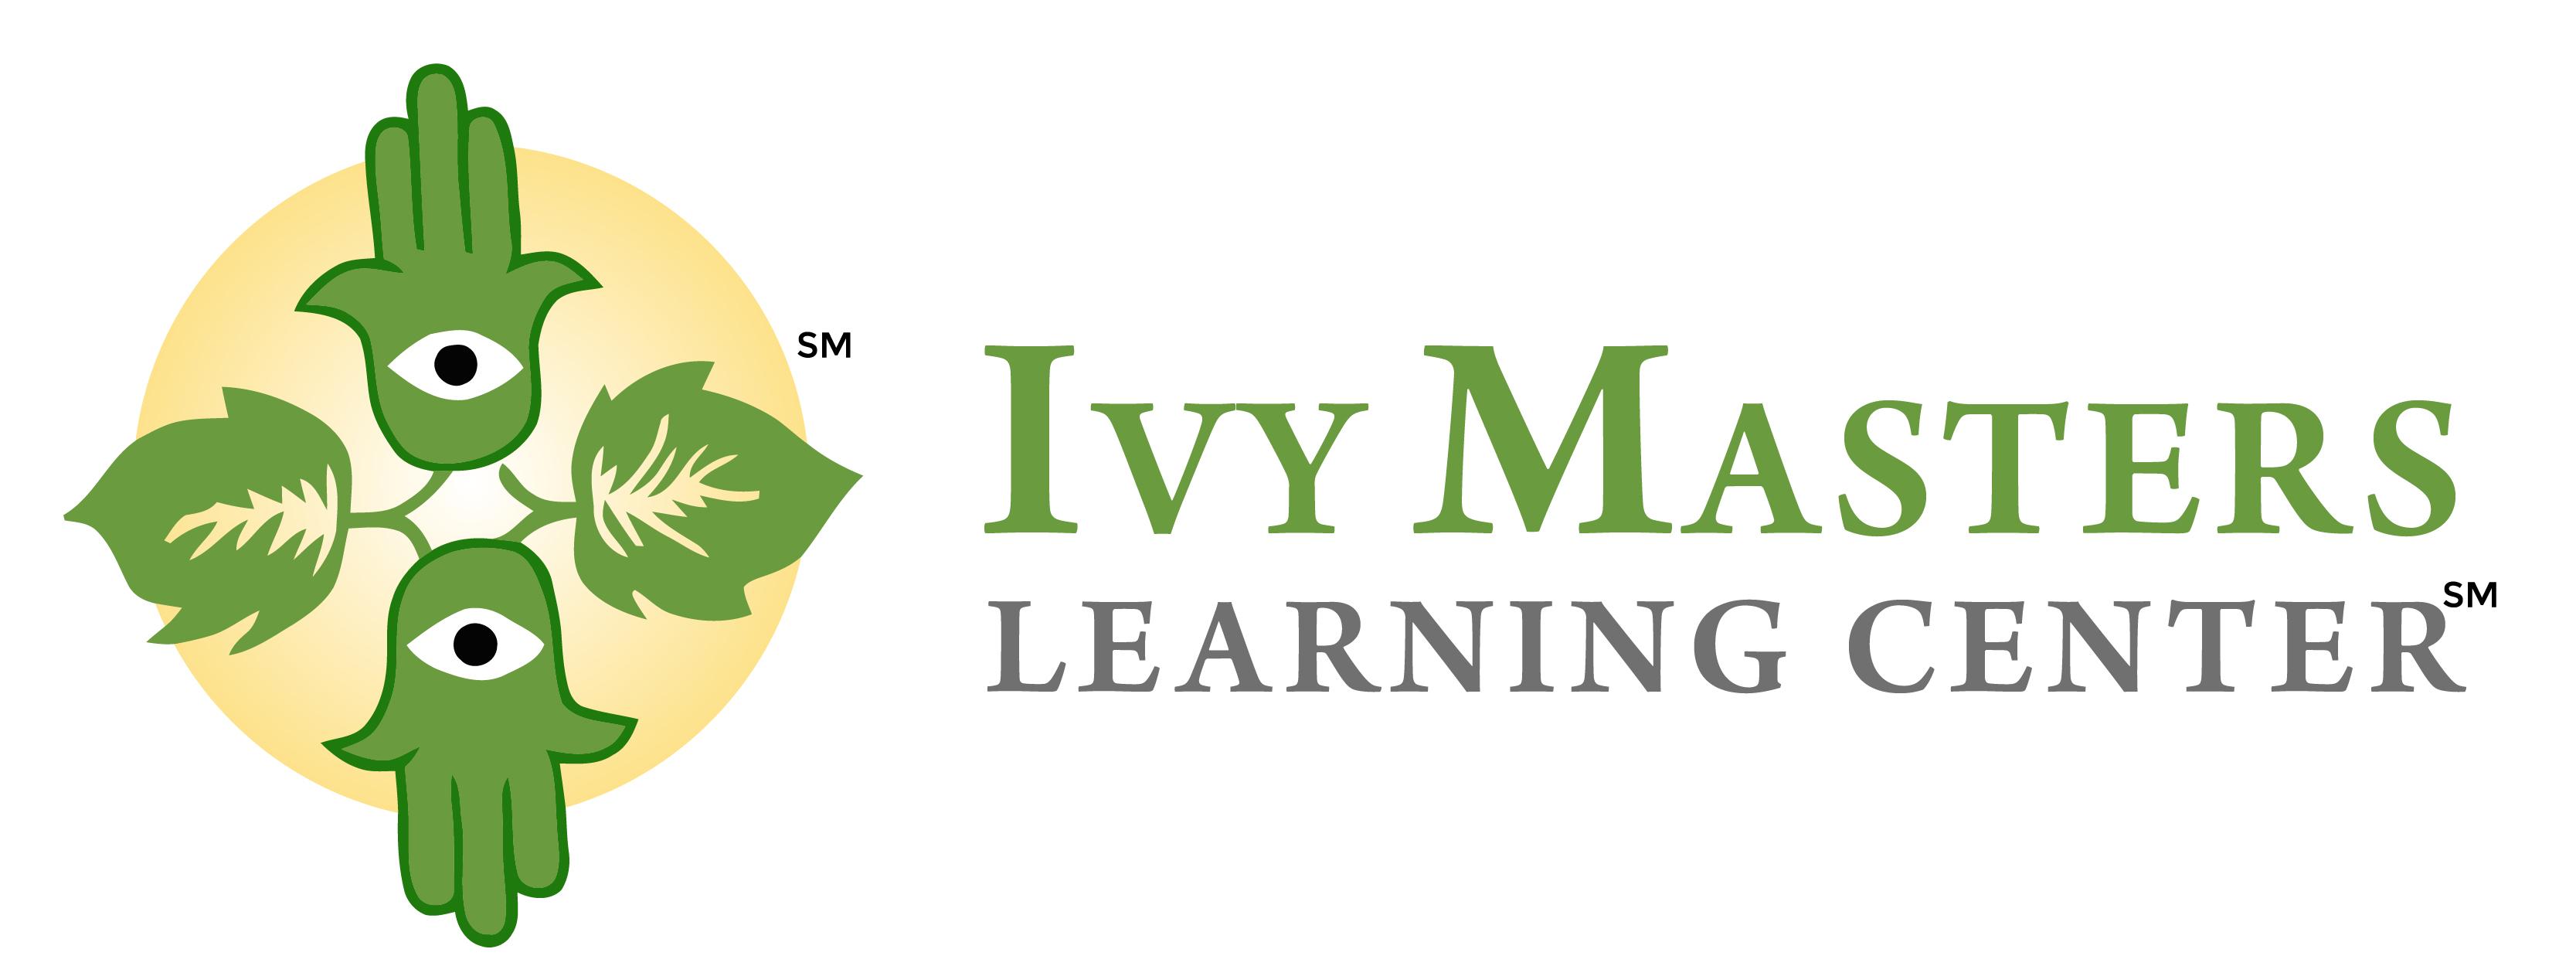 IVY SM-01.jpg